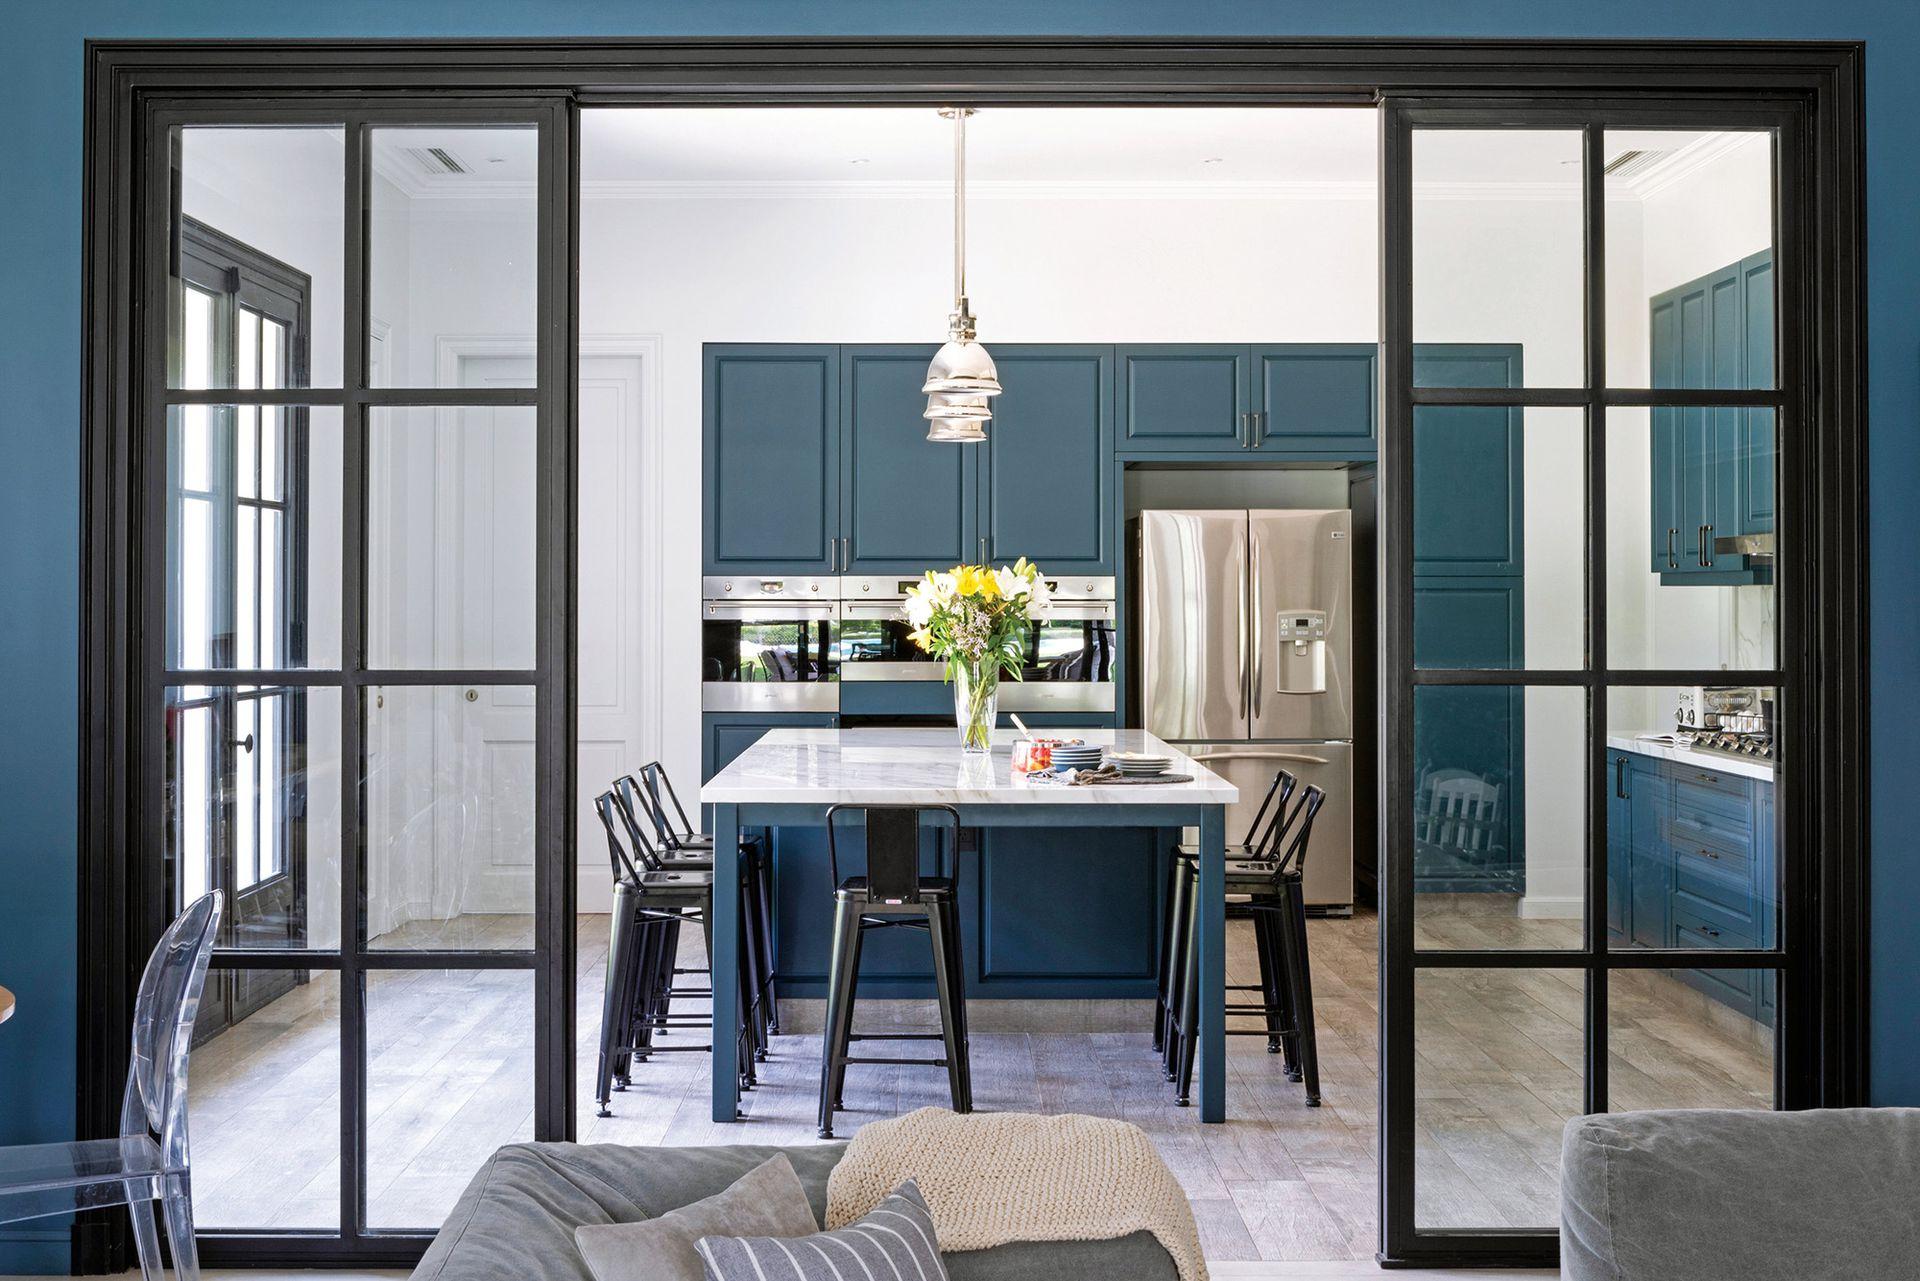 Poyectado por los arquitectos Federico Álvarez Bayón e Ignacio Turner, del estudio A&T Arqs., el amoblamiento tiene frente de MDF laqueado. Las puertas corredizas (Del Hierro Design) sectorizan el área del family room contiguo.